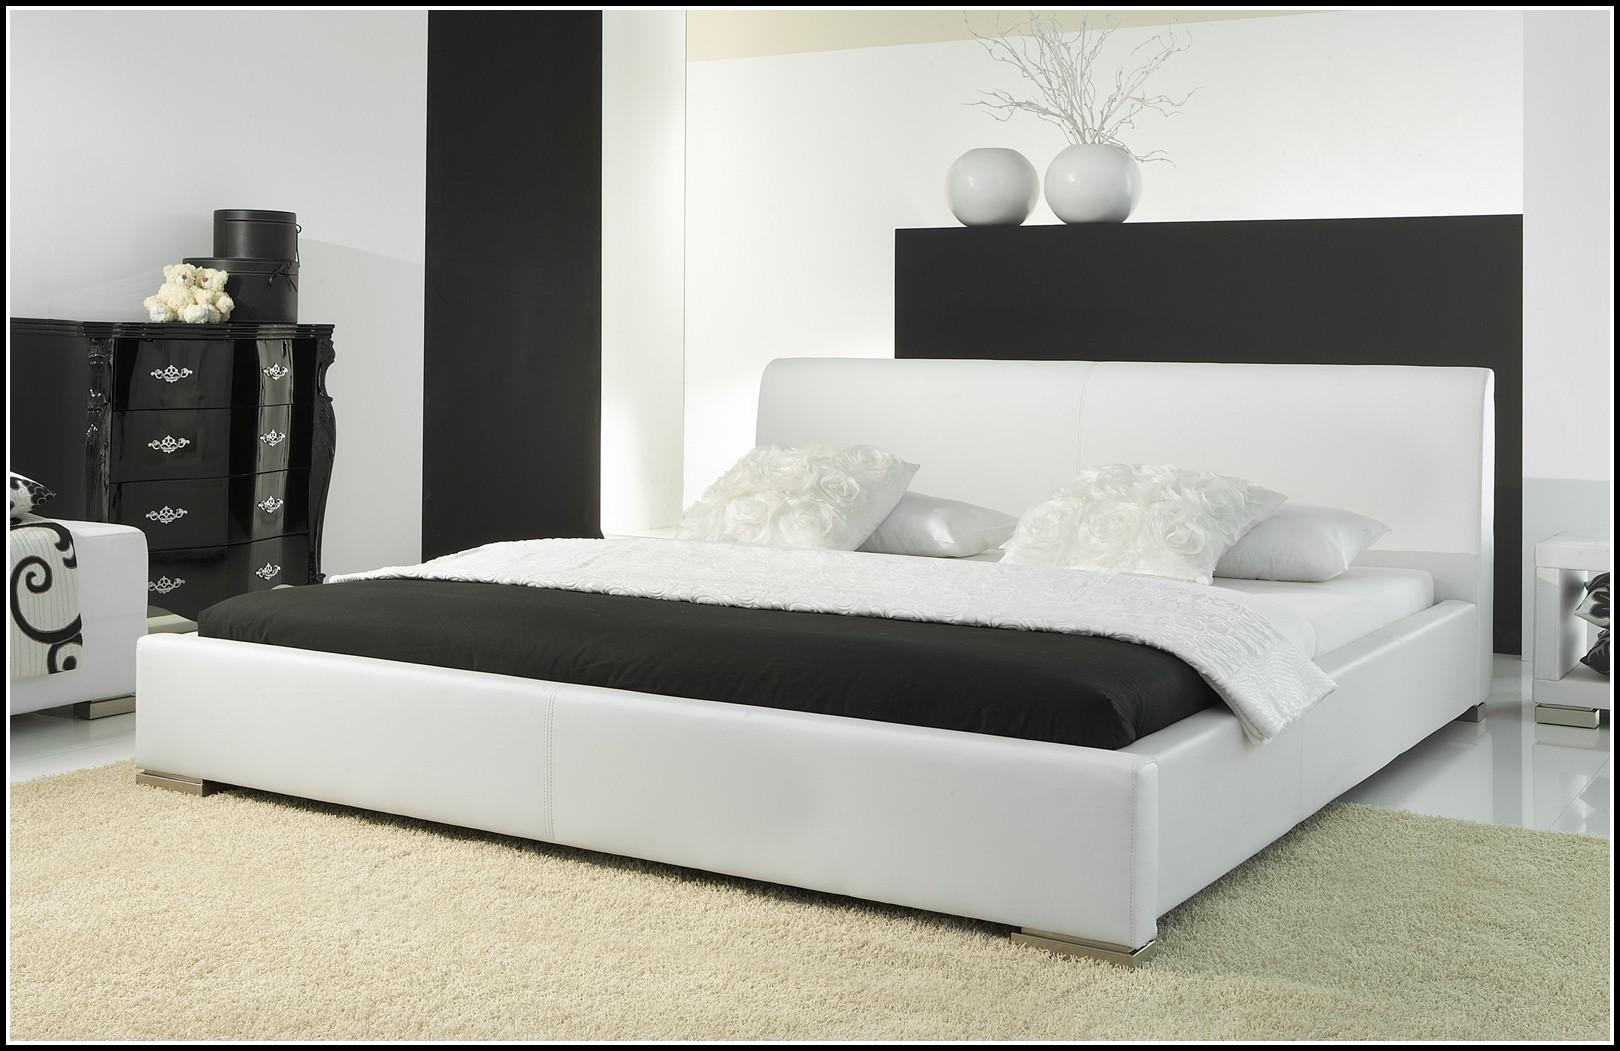 betten auf rechnung betten house und dekor galerie. Black Bedroom Furniture Sets. Home Design Ideas